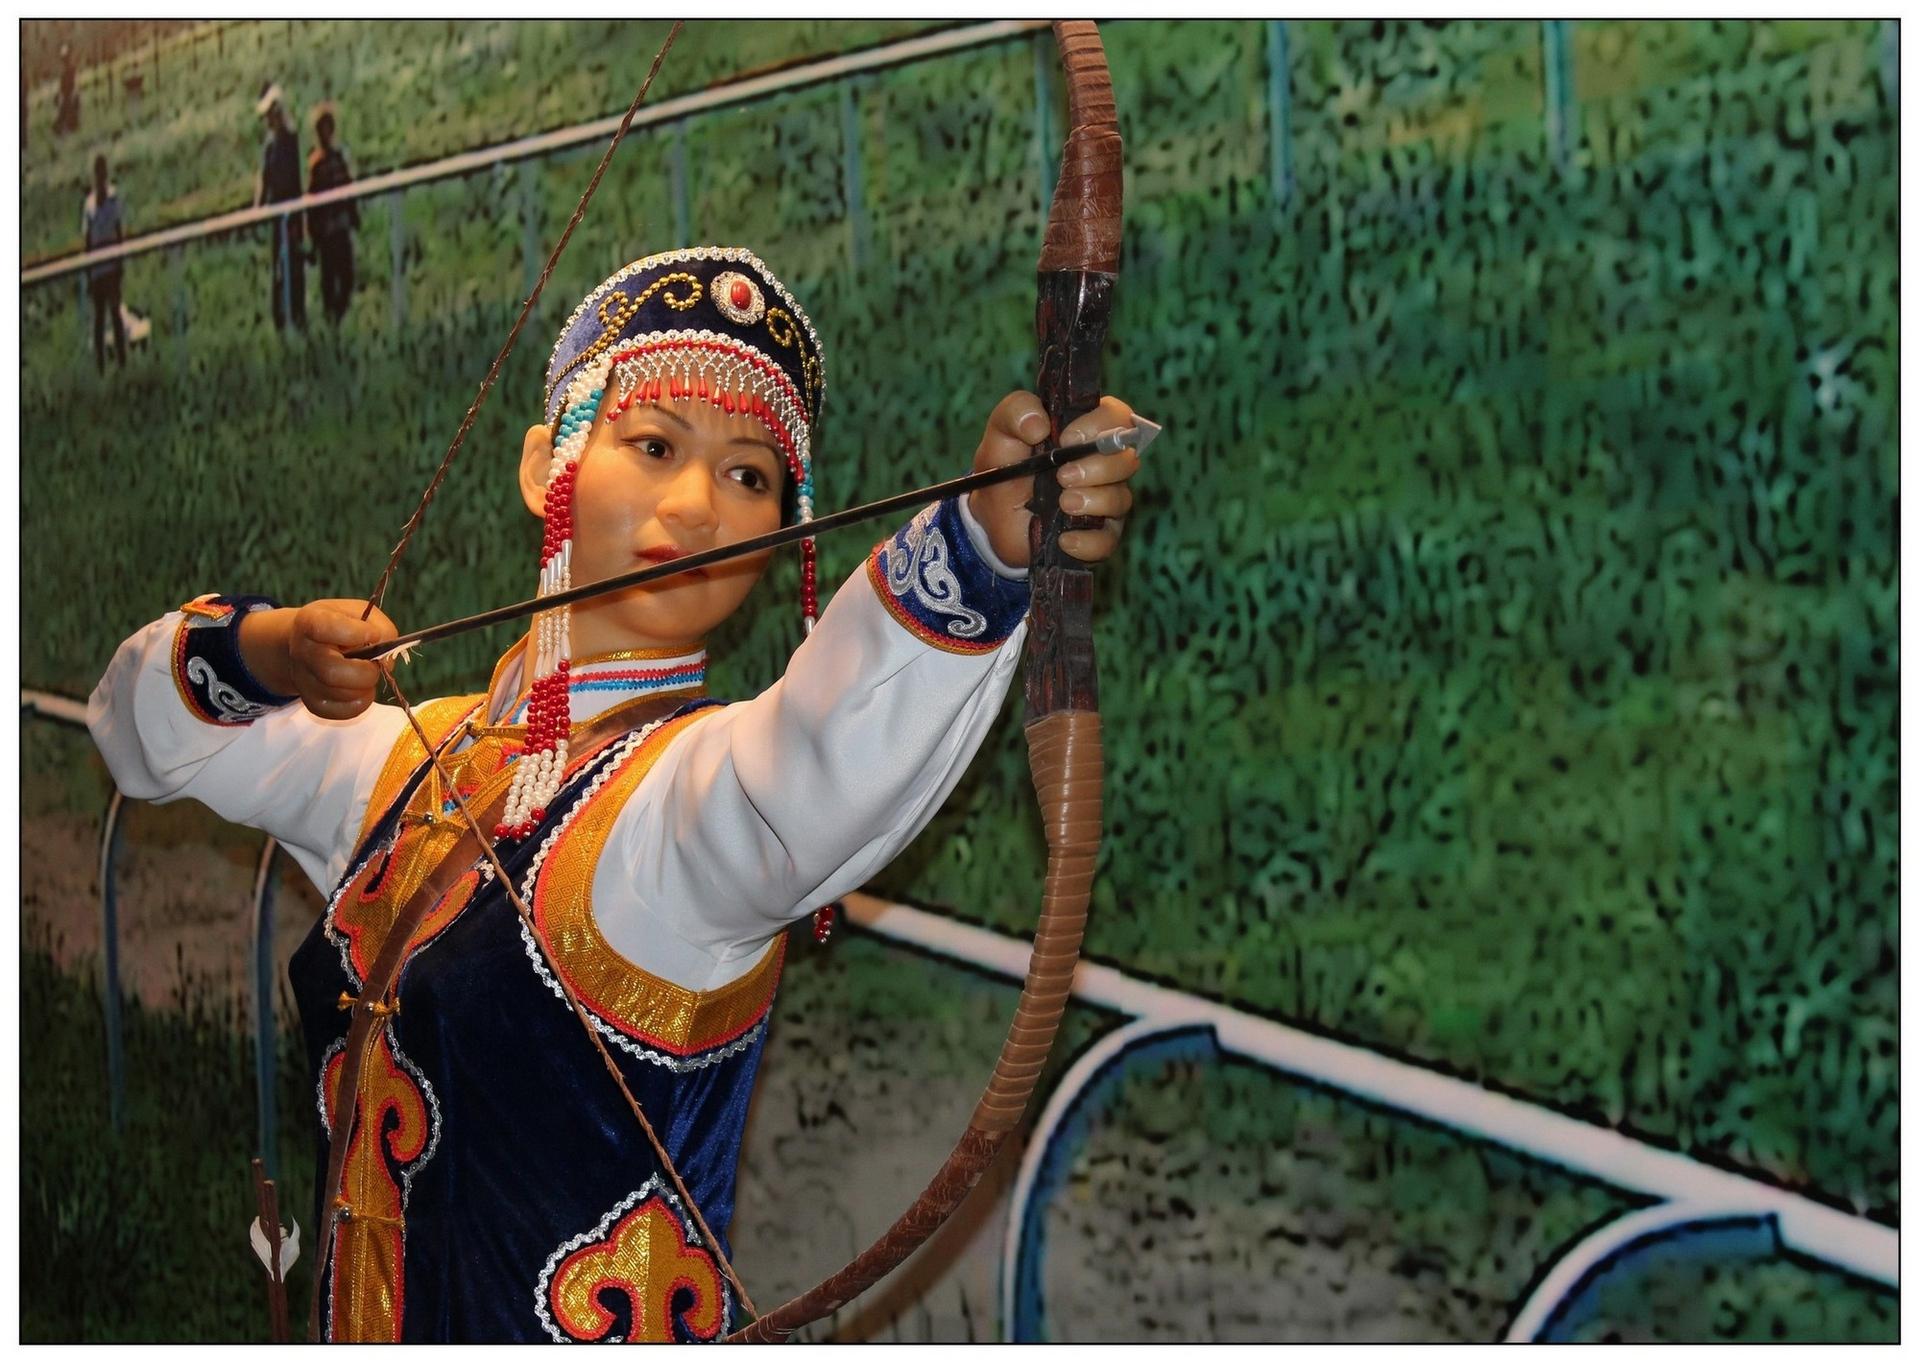 蒙古国允许一夫多妻制,很多姑娘不愿结婚,这样可少养一个男人